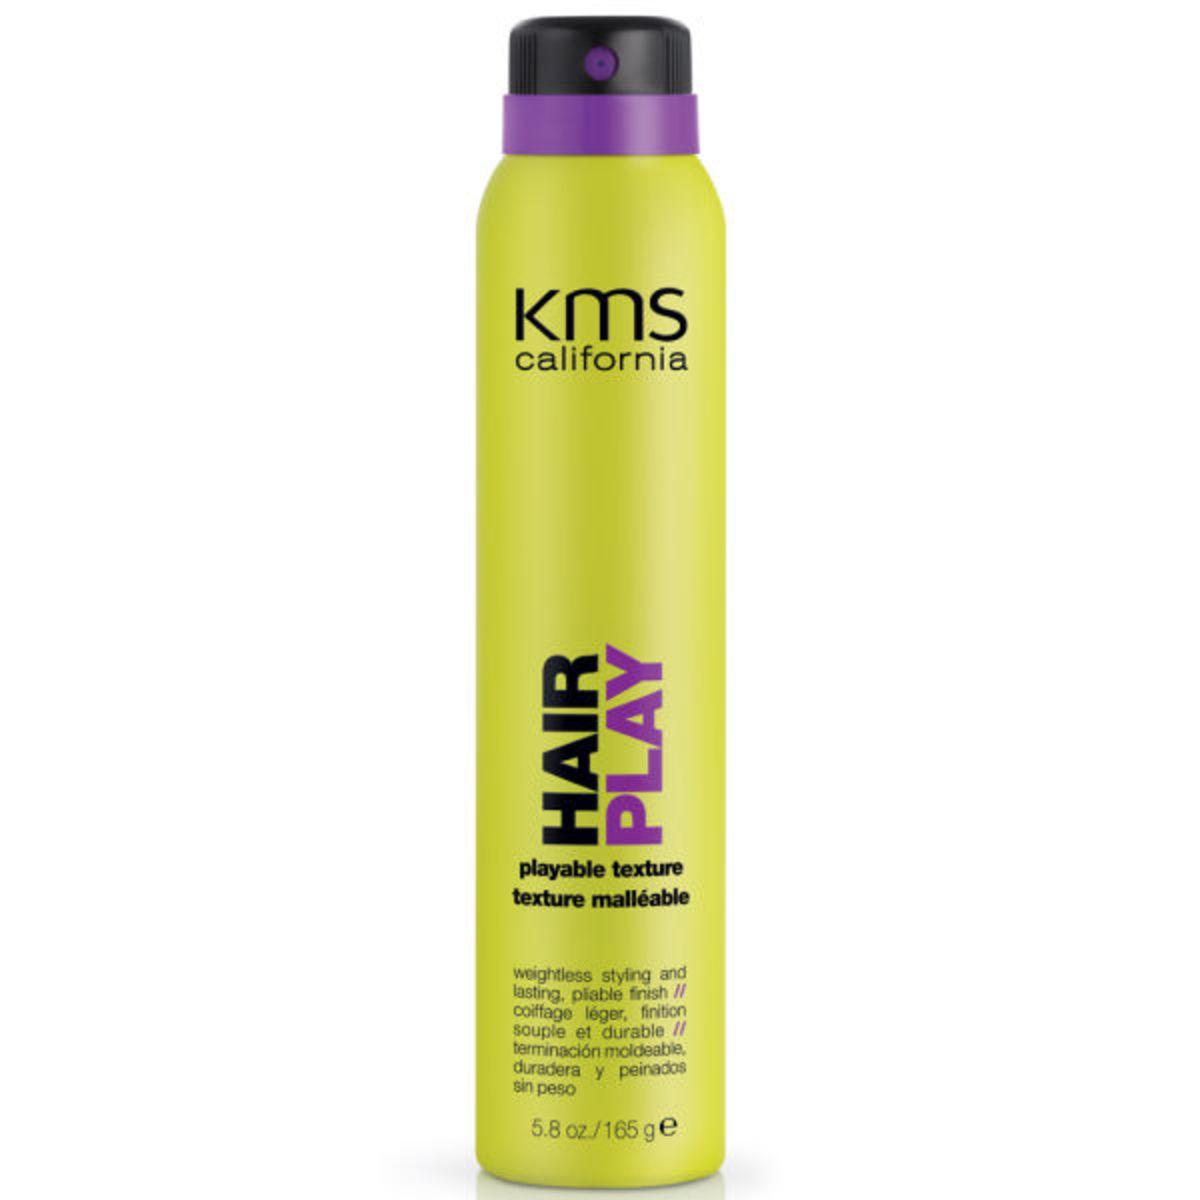 KMS California Hair Play Playable Texture